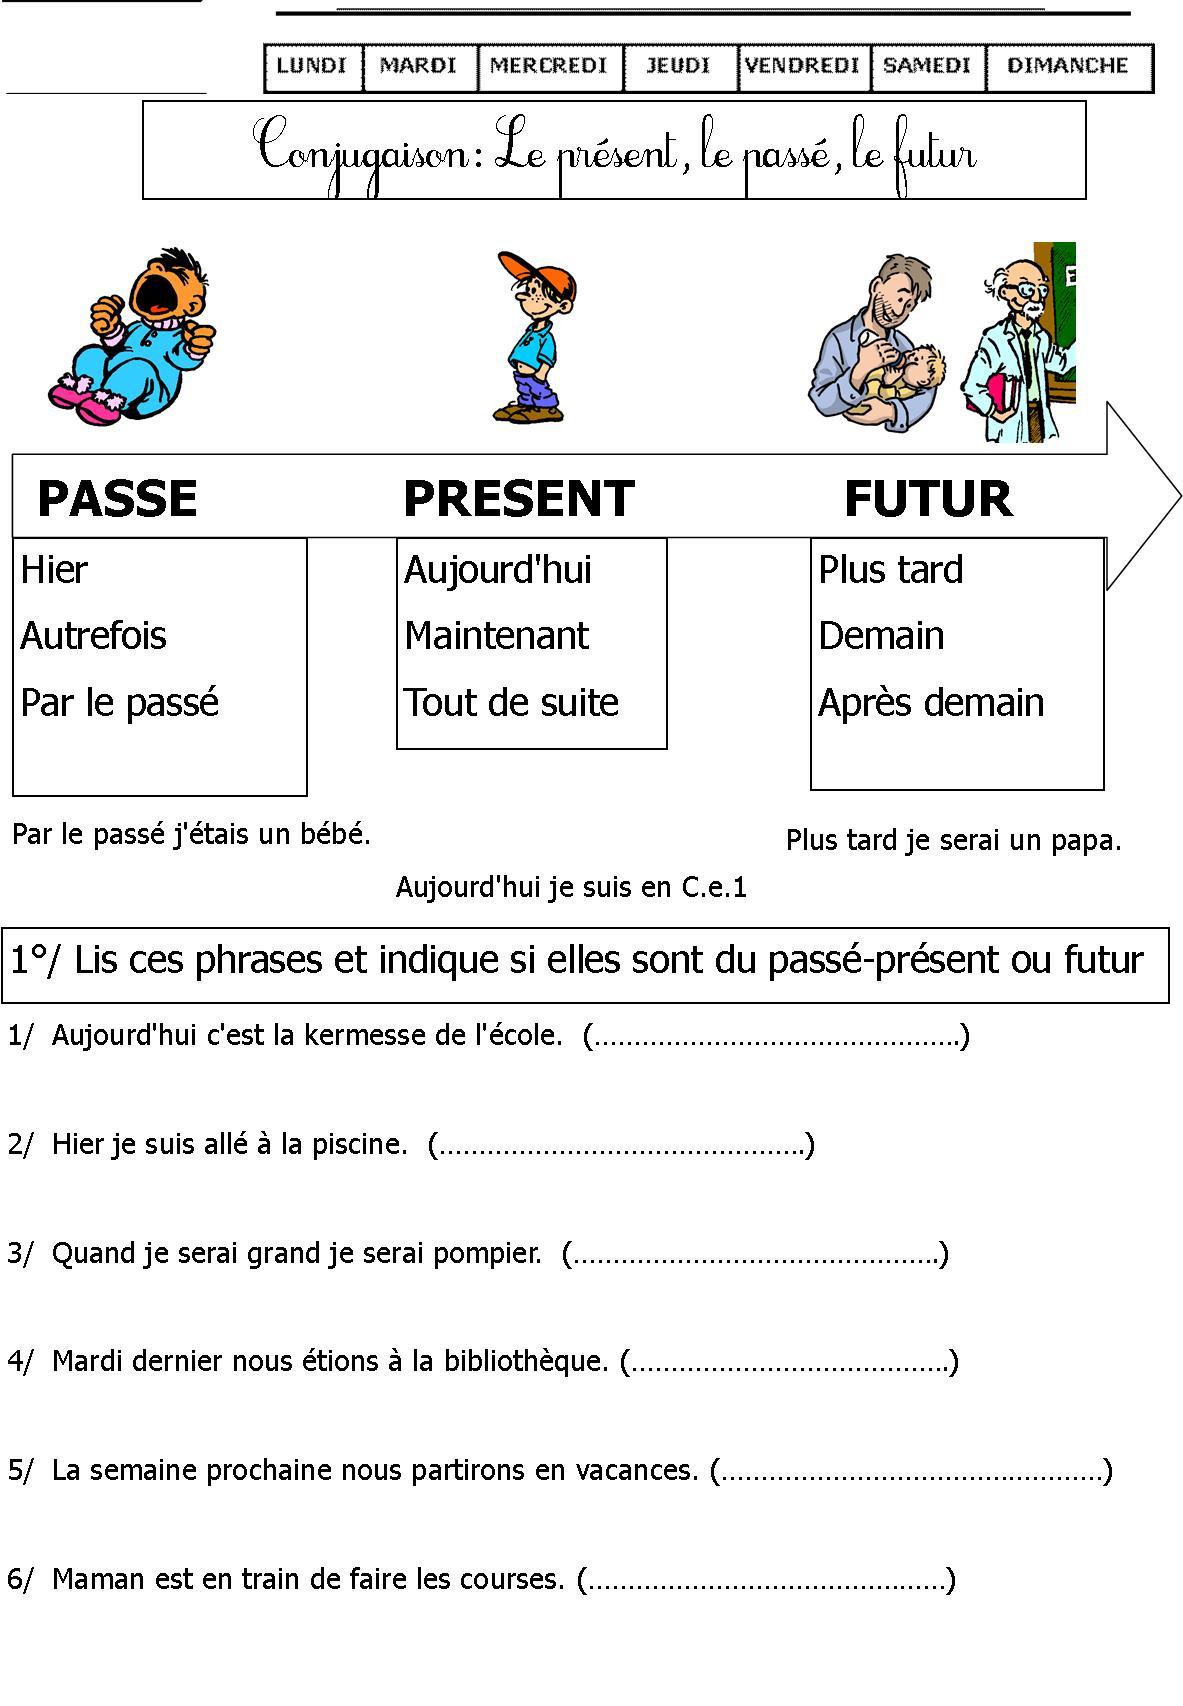 Exercices De Conjugaison Ce1 | Le Blog De Monsieur Mathieu destiné Exercice Gratuit Ce1